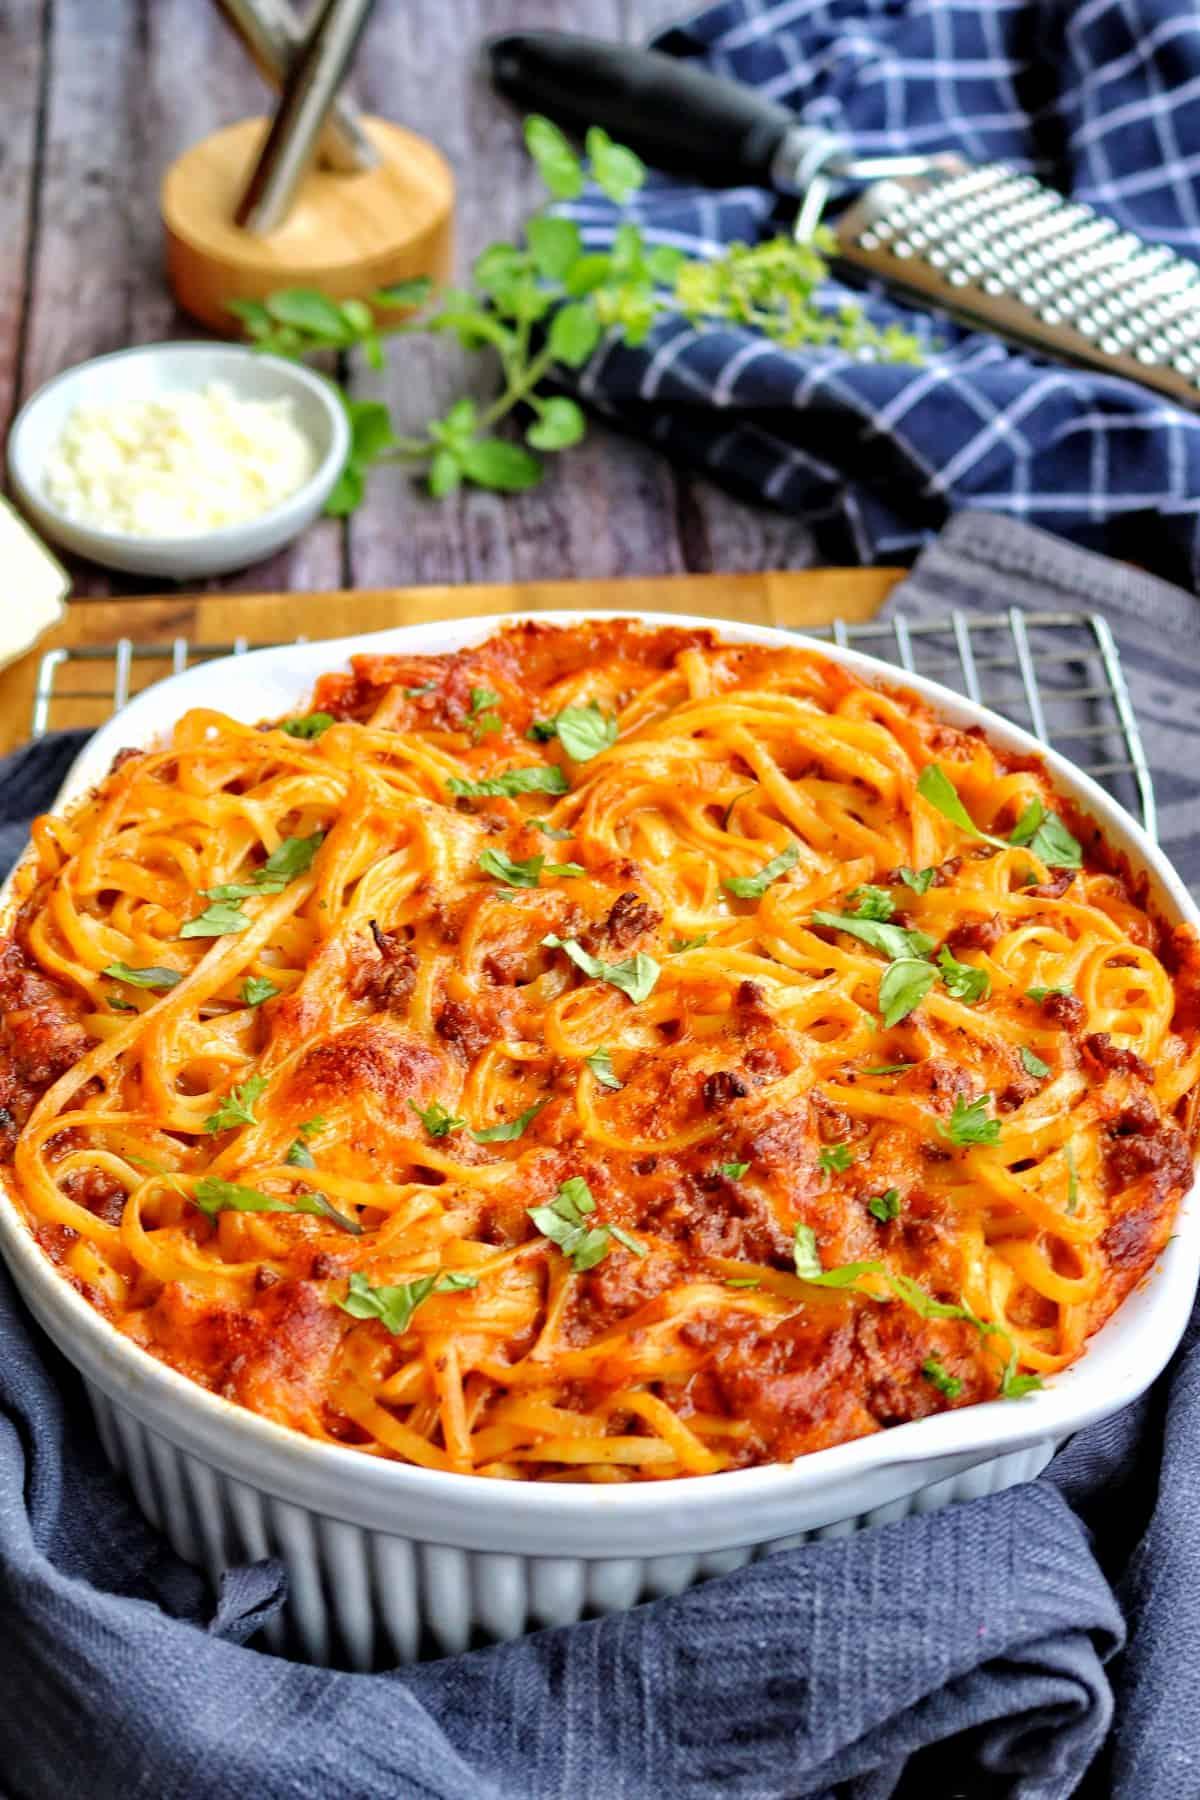 Eine weiße Auflaufform mit überbackenen Spaghetti, im Hintergrund Deko.